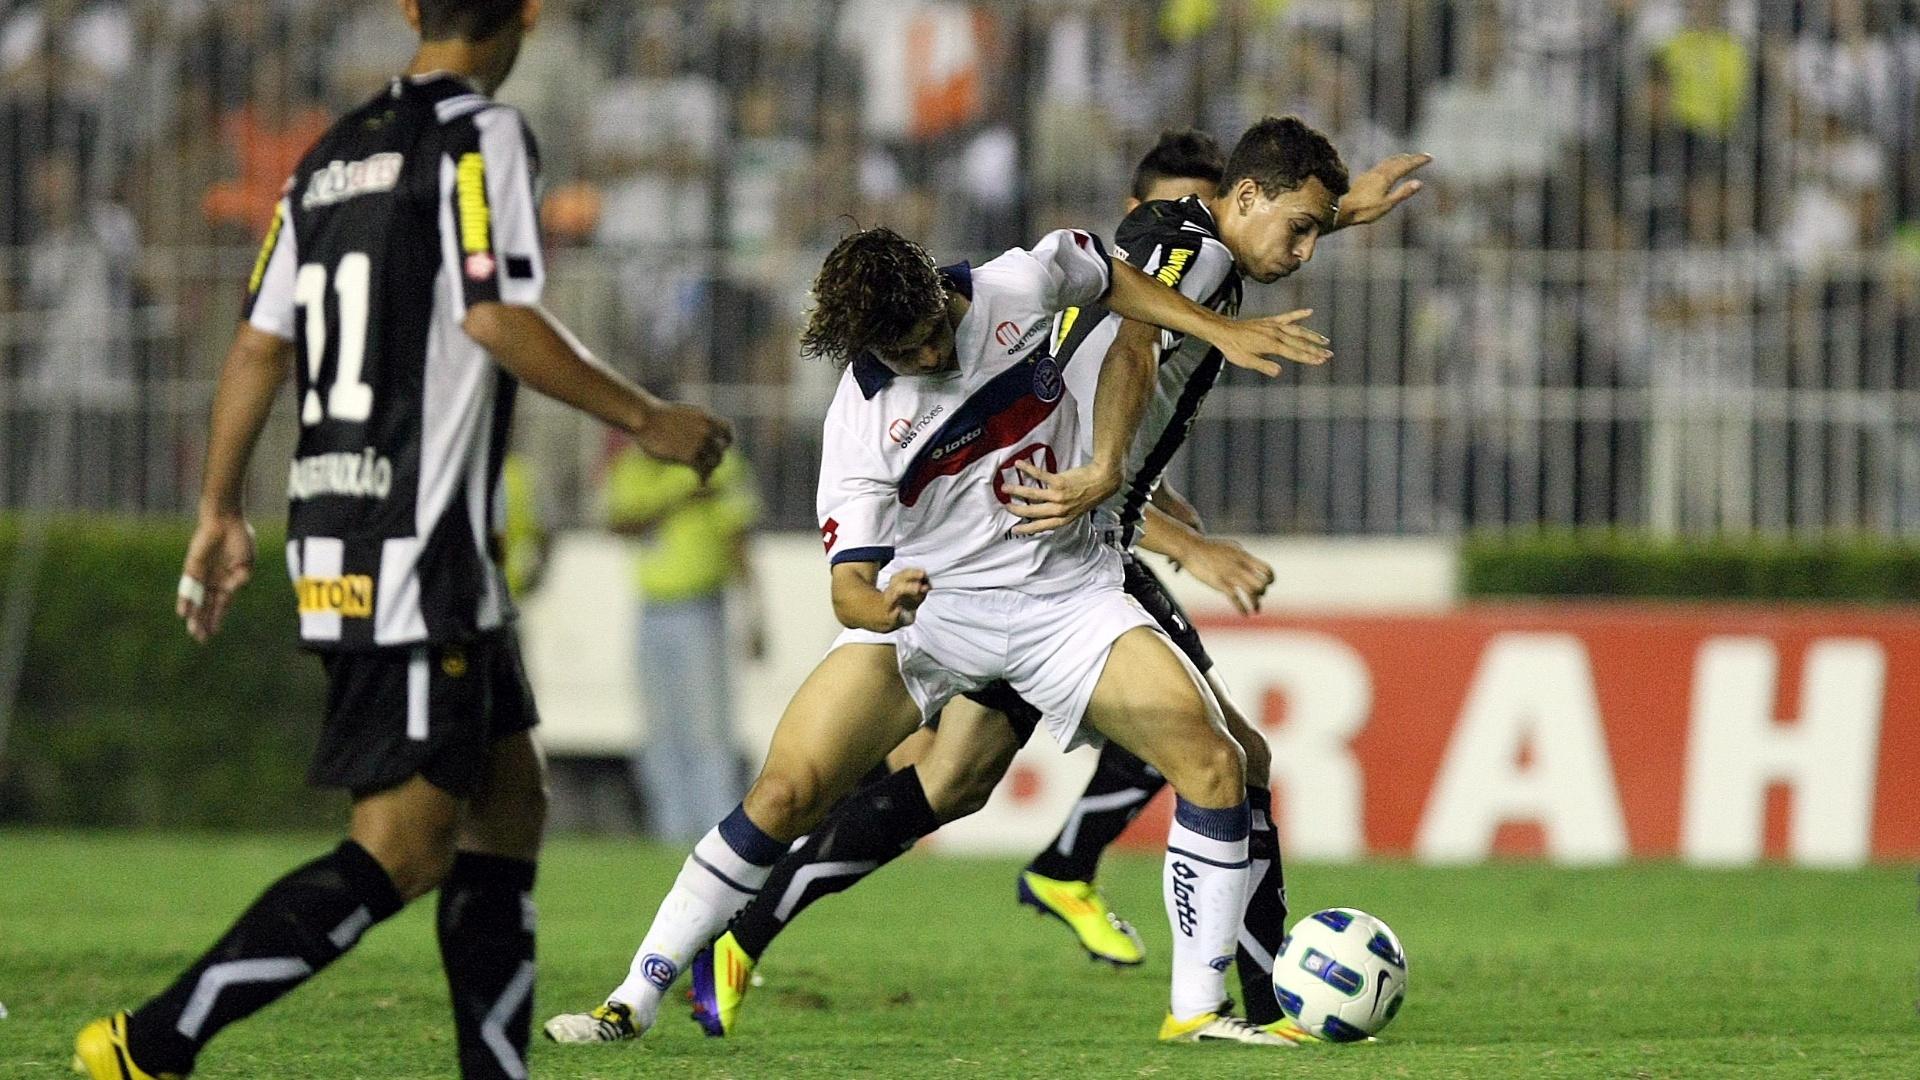 Caio do Botafogo disputa lance com Dodô do Bahia durante partida no estádio São Januário